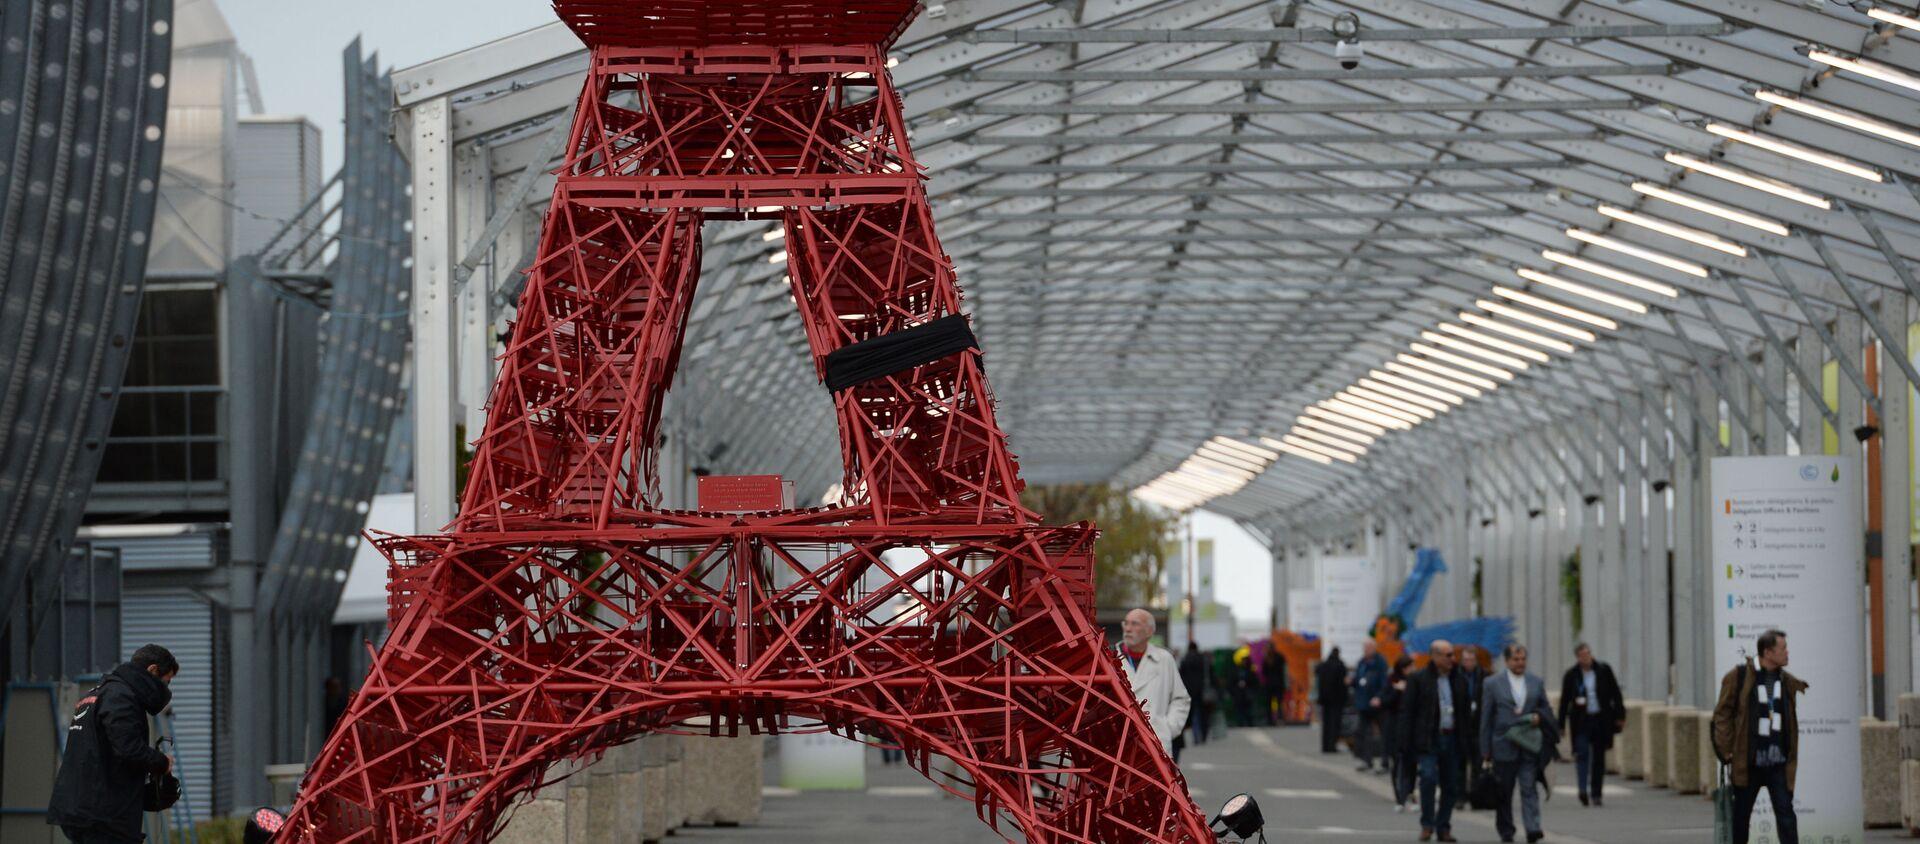 Bản sao tháp Eiffel ở Hội nghị thượng đỉnh về biến đổi khí hậu COP21 tại Paris - Sputnik Việt Nam, 1920, 23.04.2021